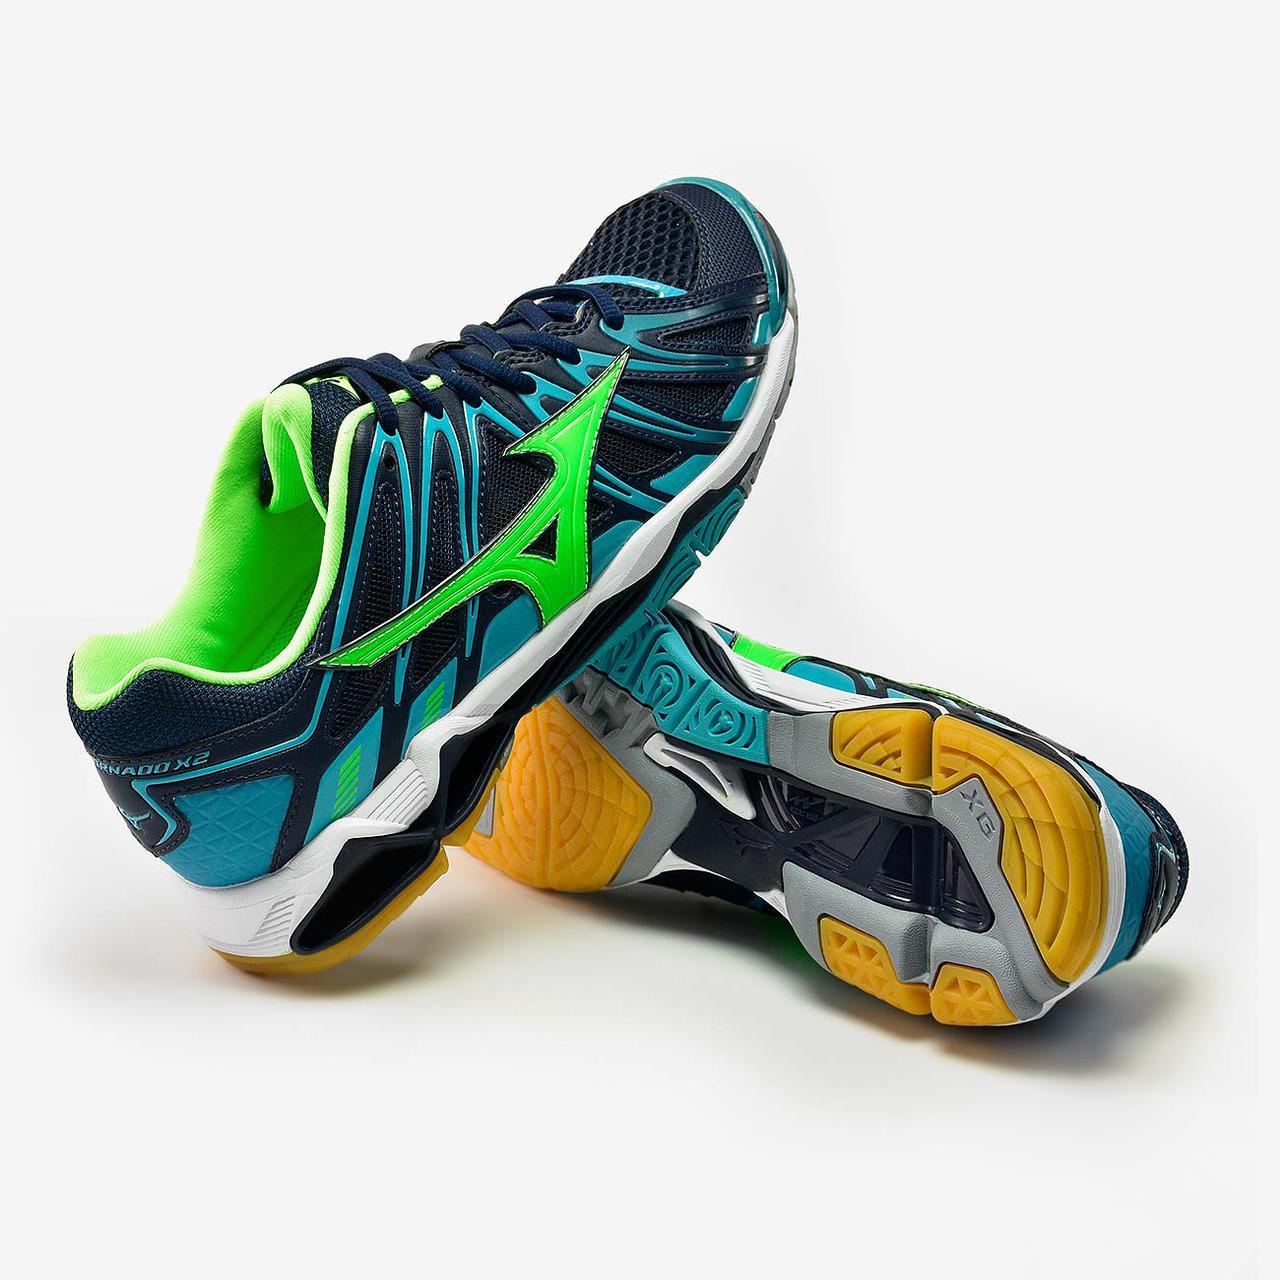 волейбольные кроссовки Mizuno Wave Tornado 8 Mid 09kv379 62